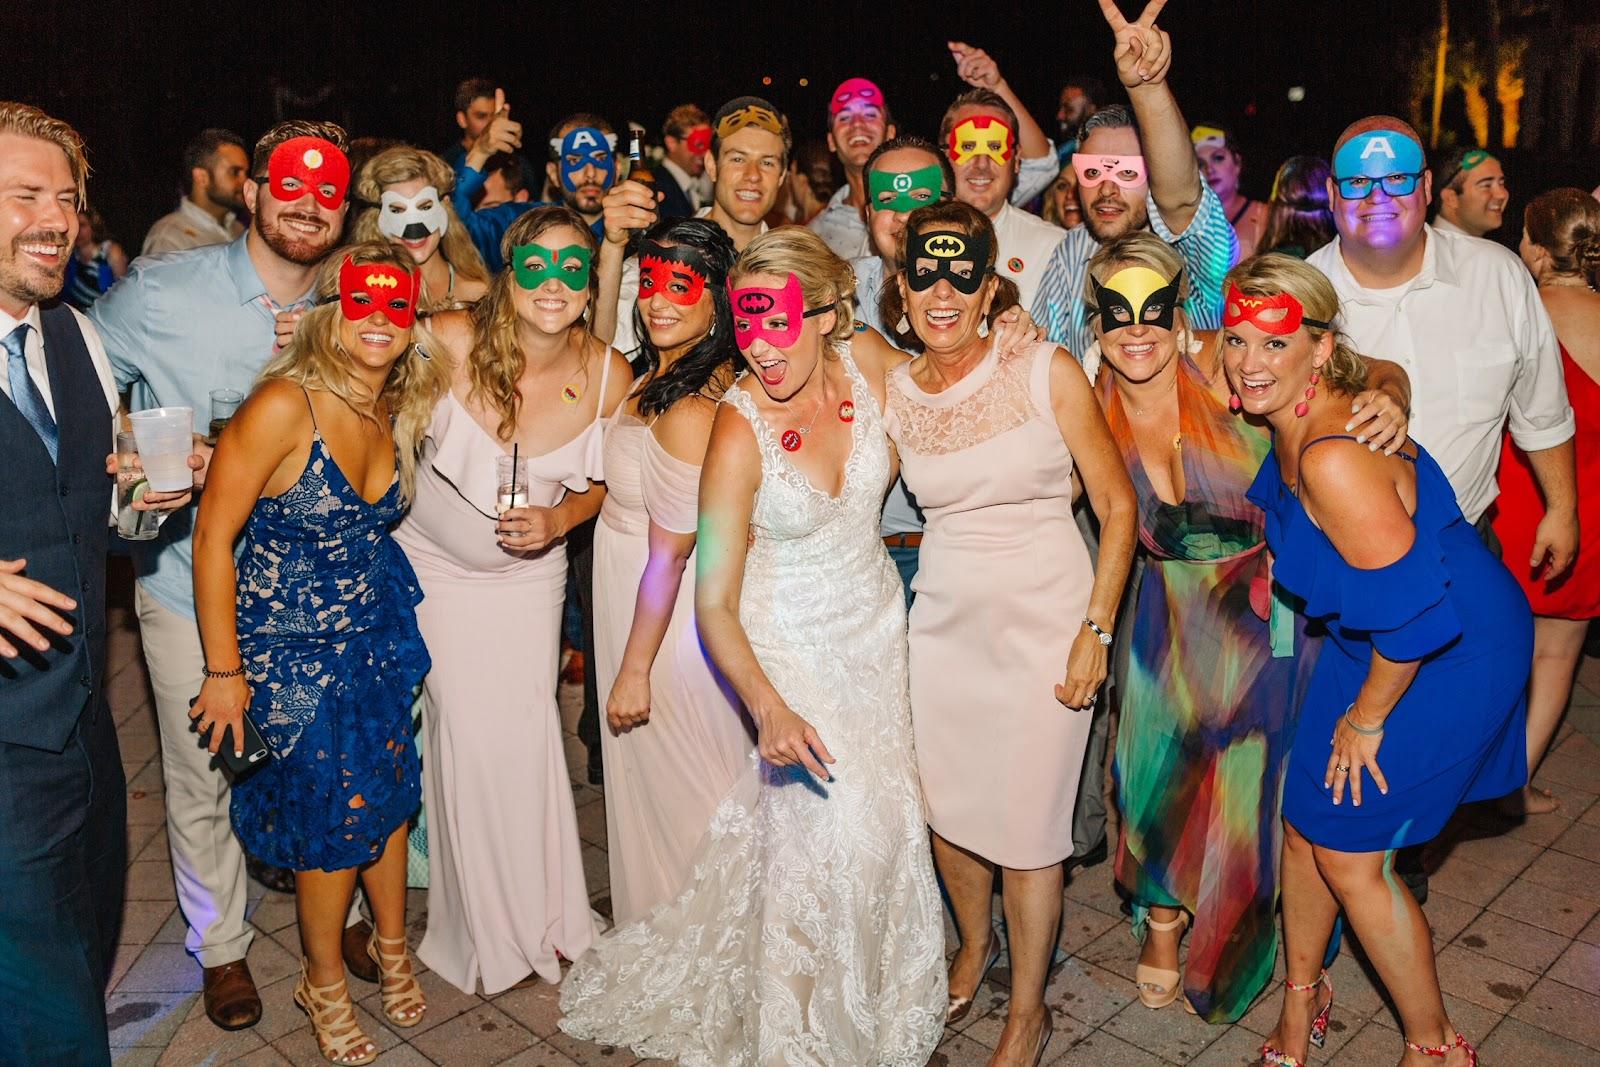 Sarah Colburn Matt Audibert Destination Wedding Planning Superhero Masks Theme